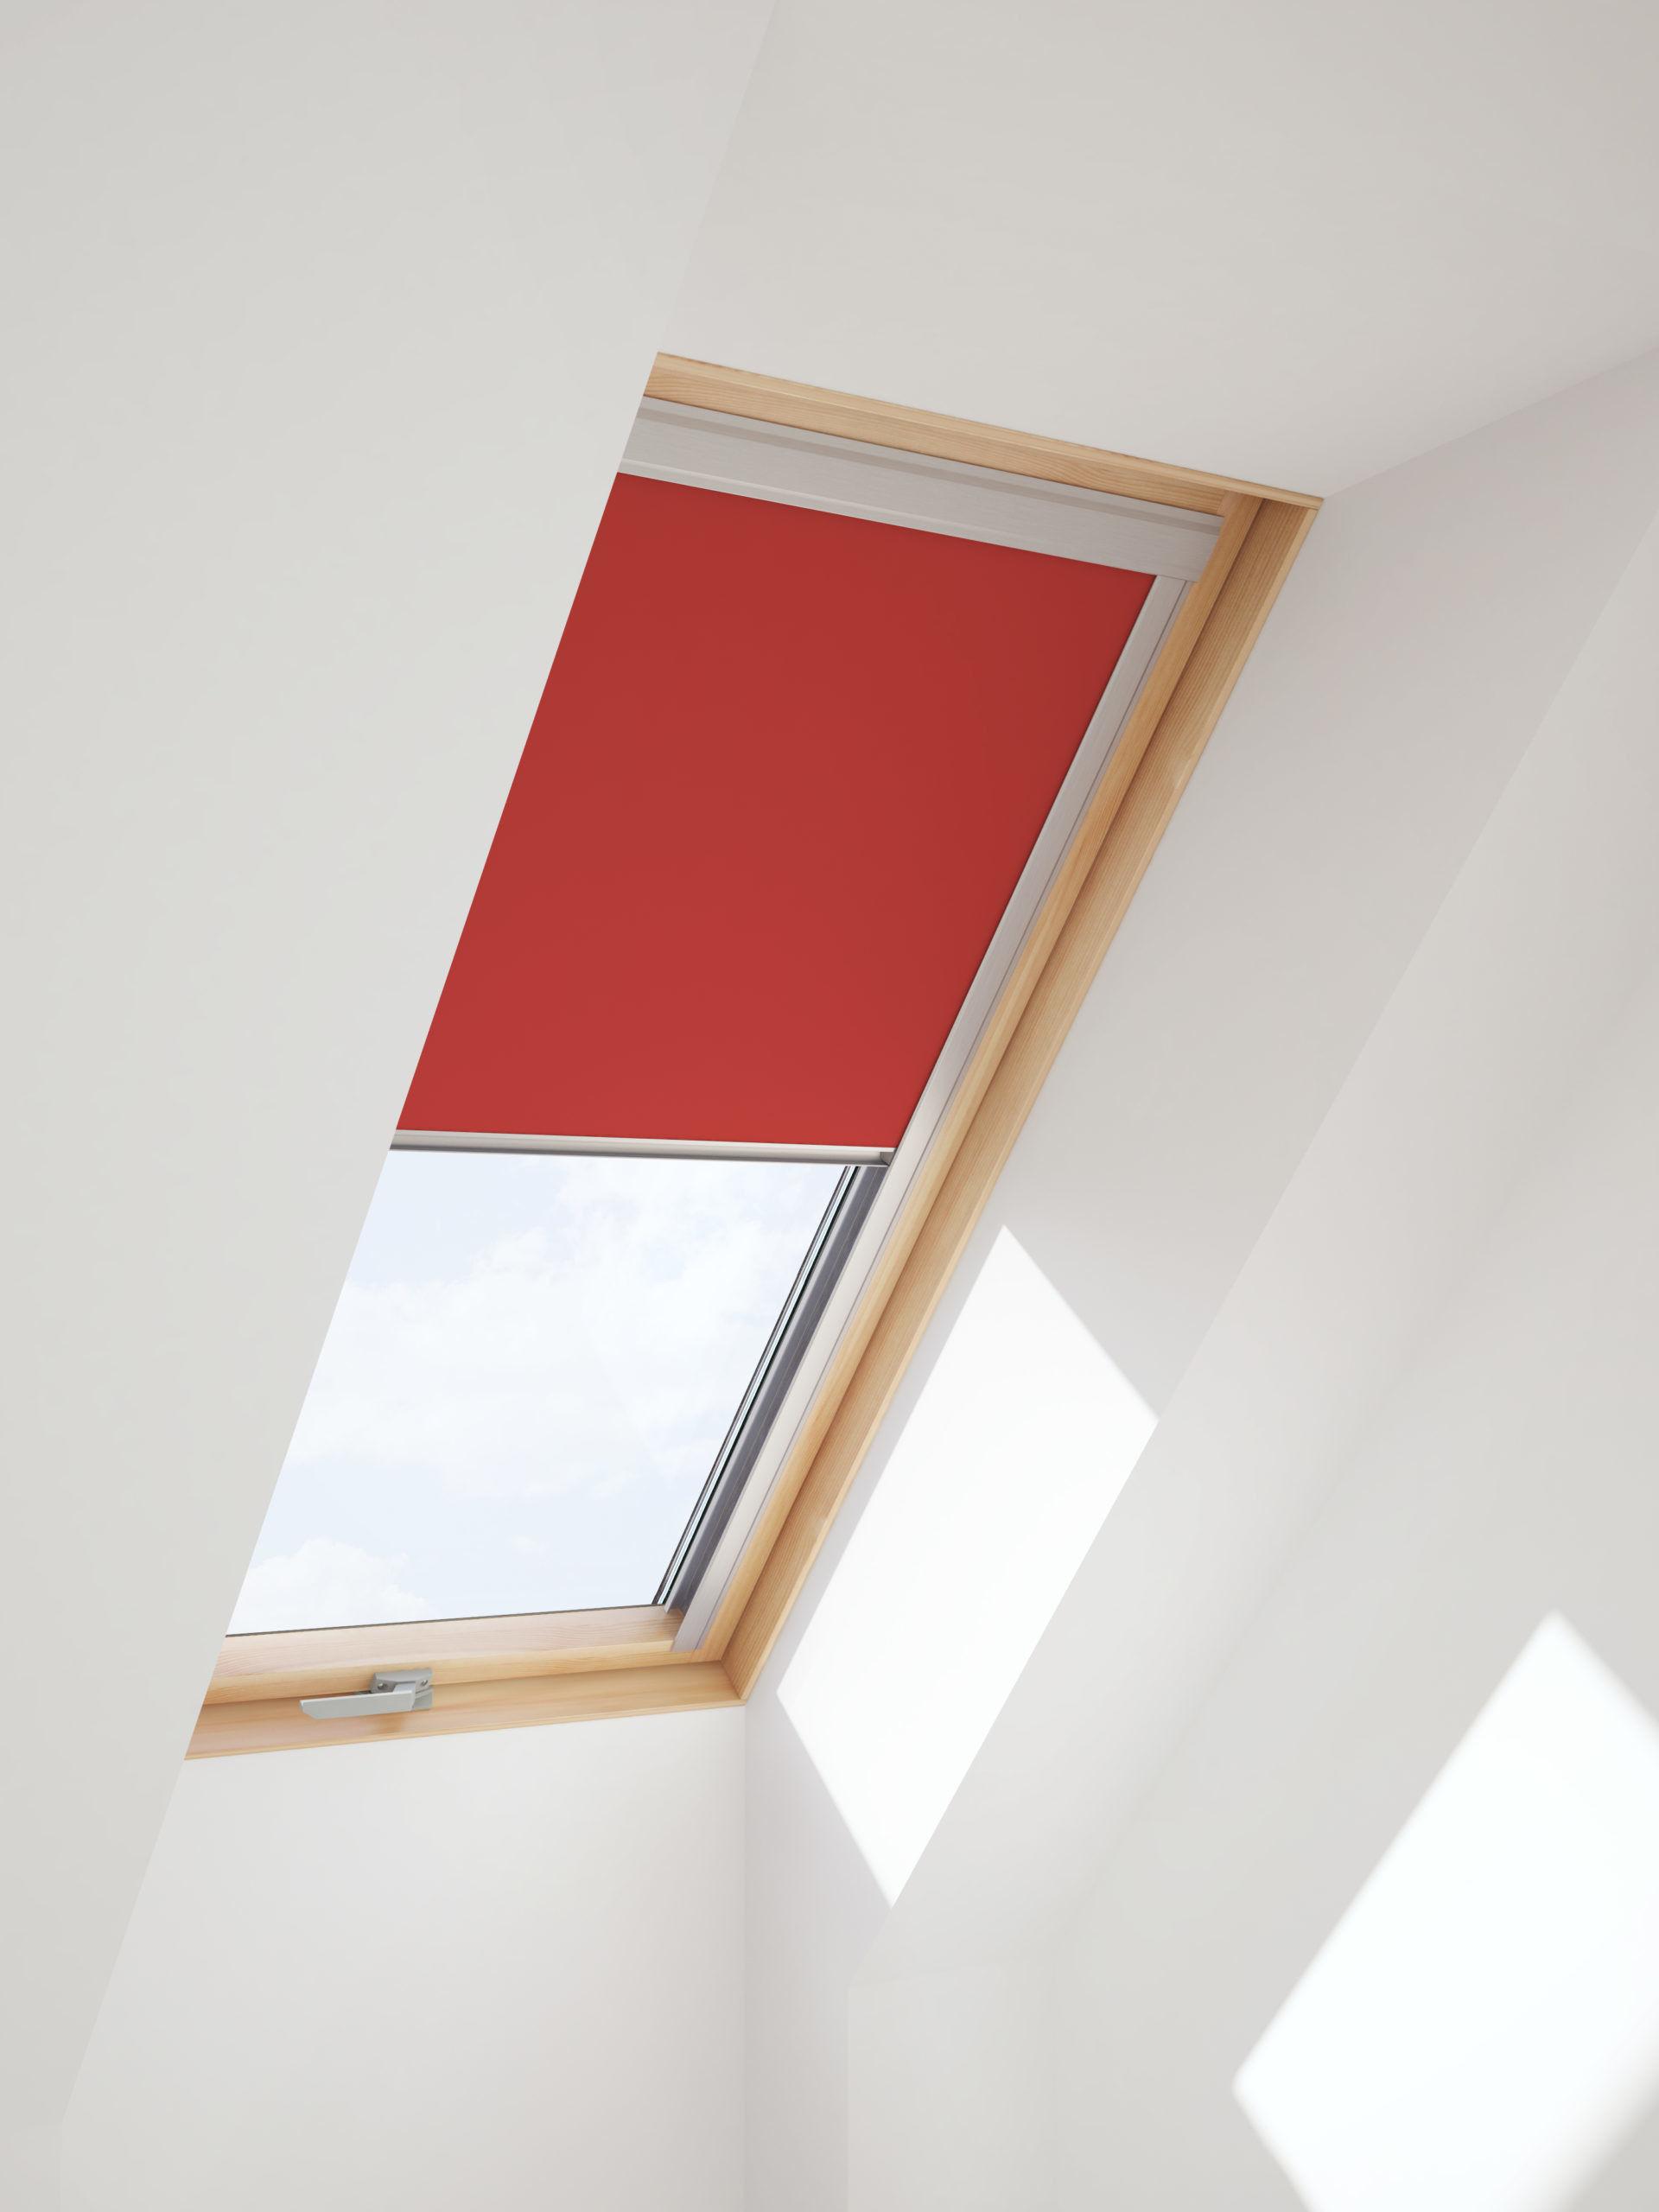 ROLETA ZACIEMNIAJĄCA ROOFART DUR - kolor 4213 (czerwony) - 78x98 M4A